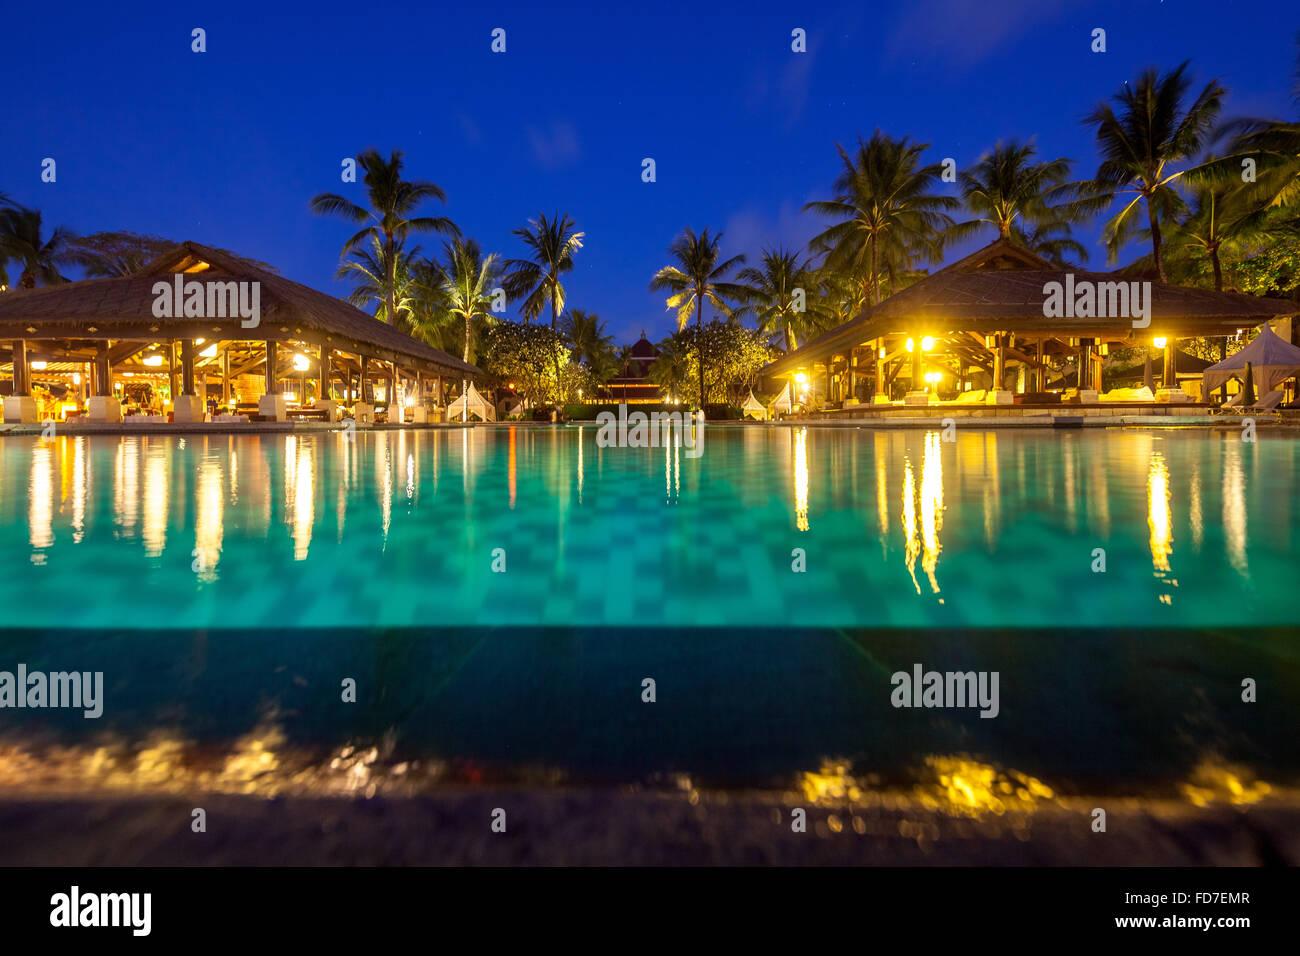 Hotelanlage mit Pool in der Nacht, eine Poolbar, InterContinental Bali Resort, Panorama, blaue Stunde, türkisfarbenes Stockbild